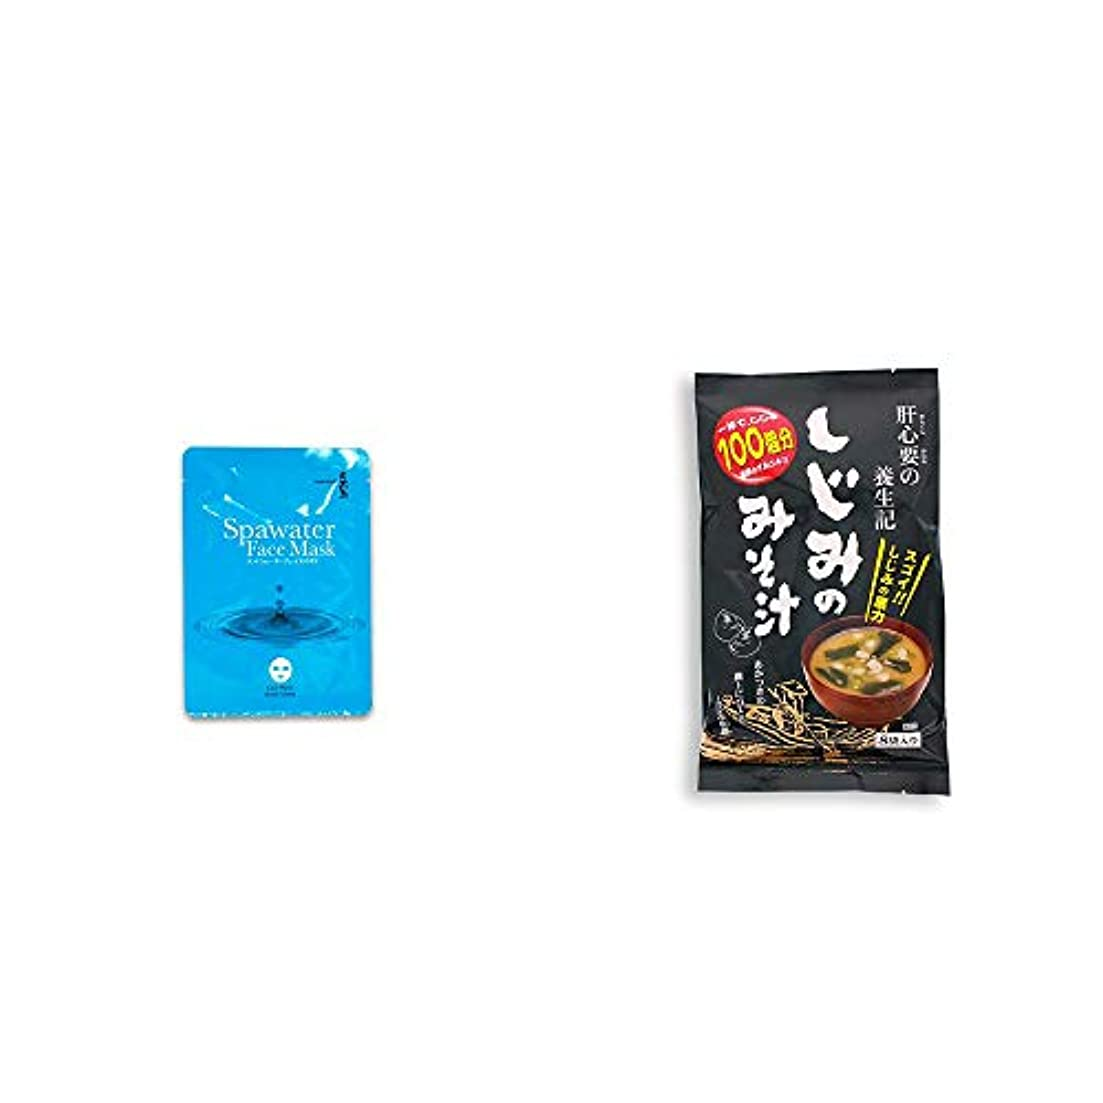 マウスピース噛むオーストラリア人[2点セット] ひのき炭黒泉 スパウォーターフェイスマスク(18ml×3枚入)?肝心要の養生記 しじみのみそ汁(56g(7g×8袋))